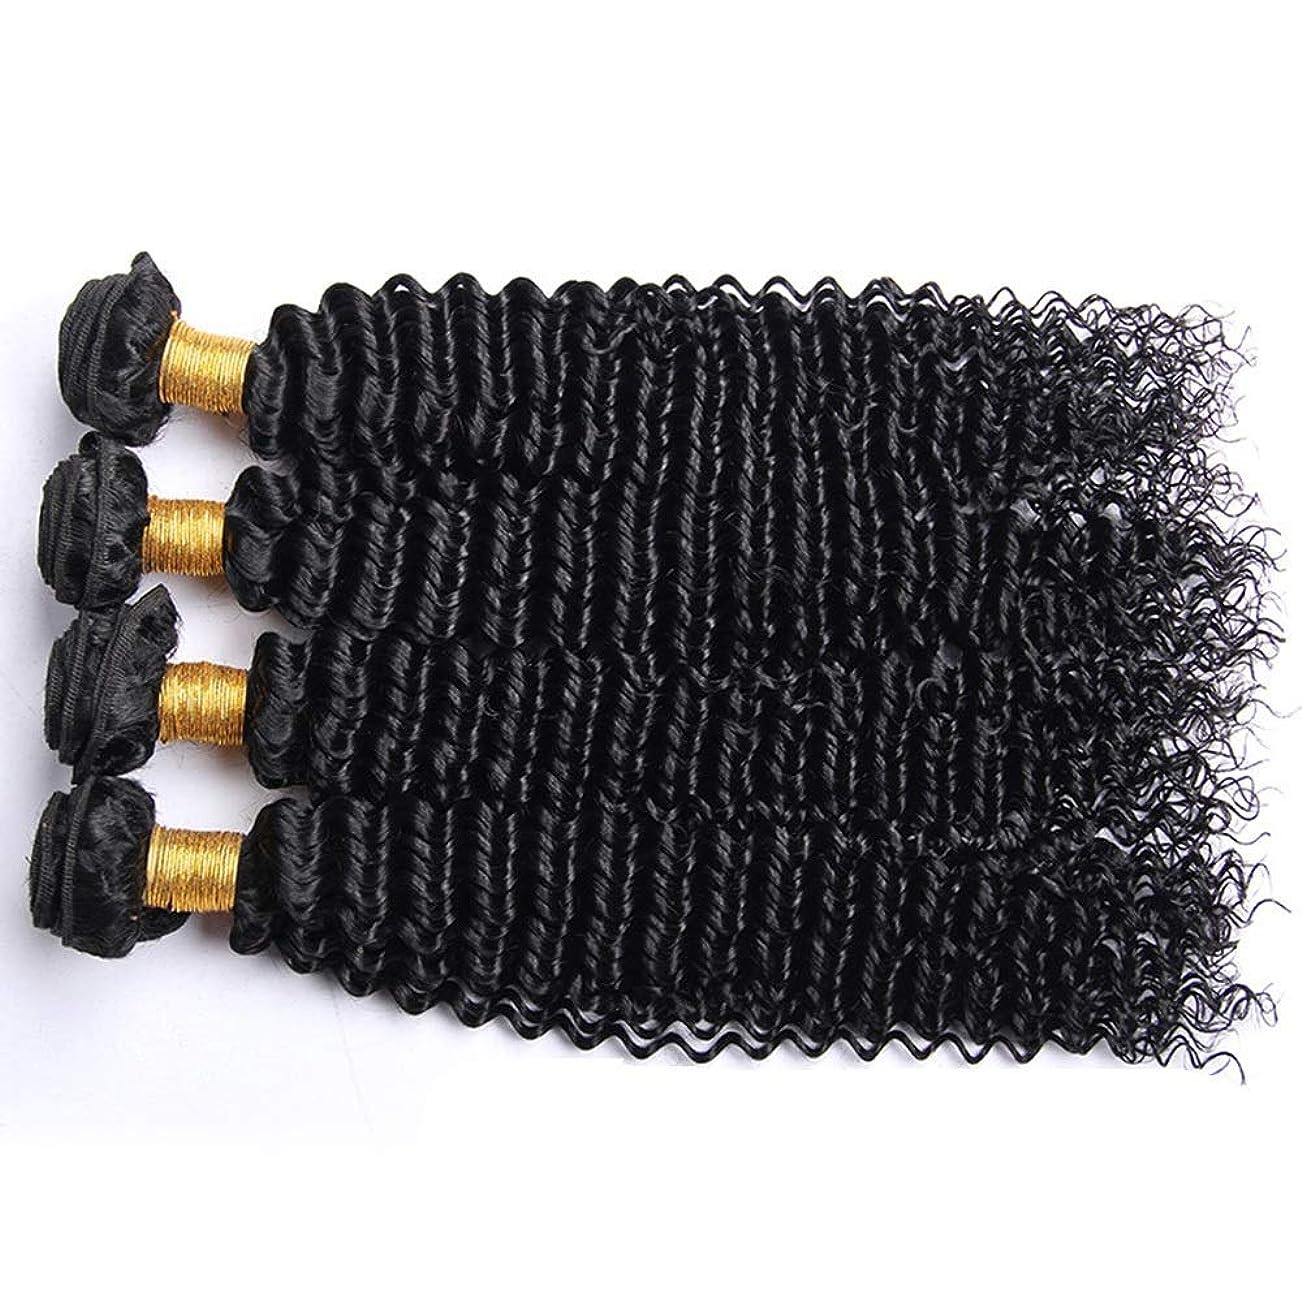 広告する怒っているデュアルIsikawan ブラジルの変態巻き毛の束100%未処理のバージンナチュラルブラックカラー人間の毛髪延長1バンドル髪織り (色 : ブラック, サイズ : 14 inch)